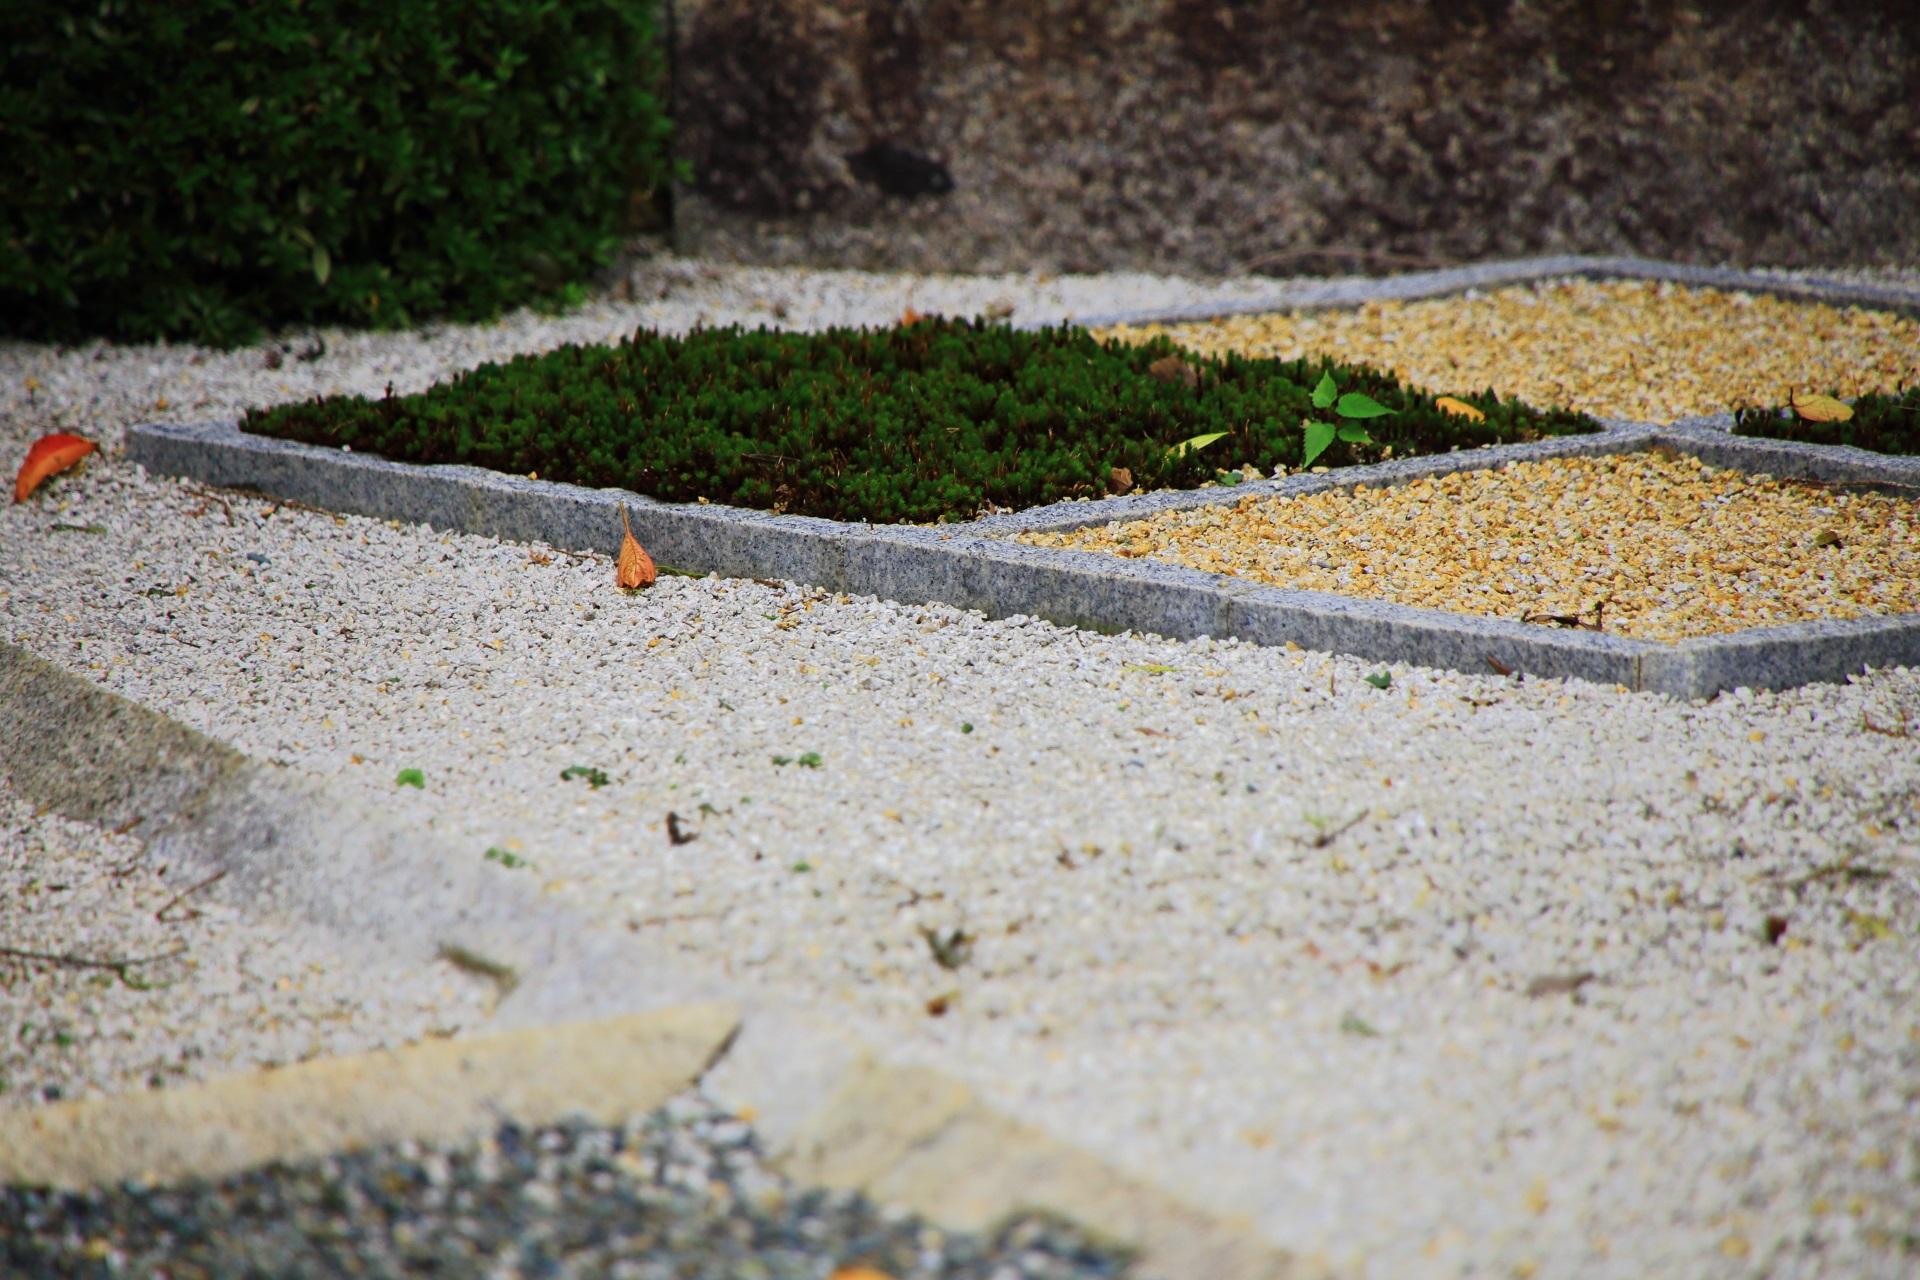 三色の砂が用いられた随縁の庭